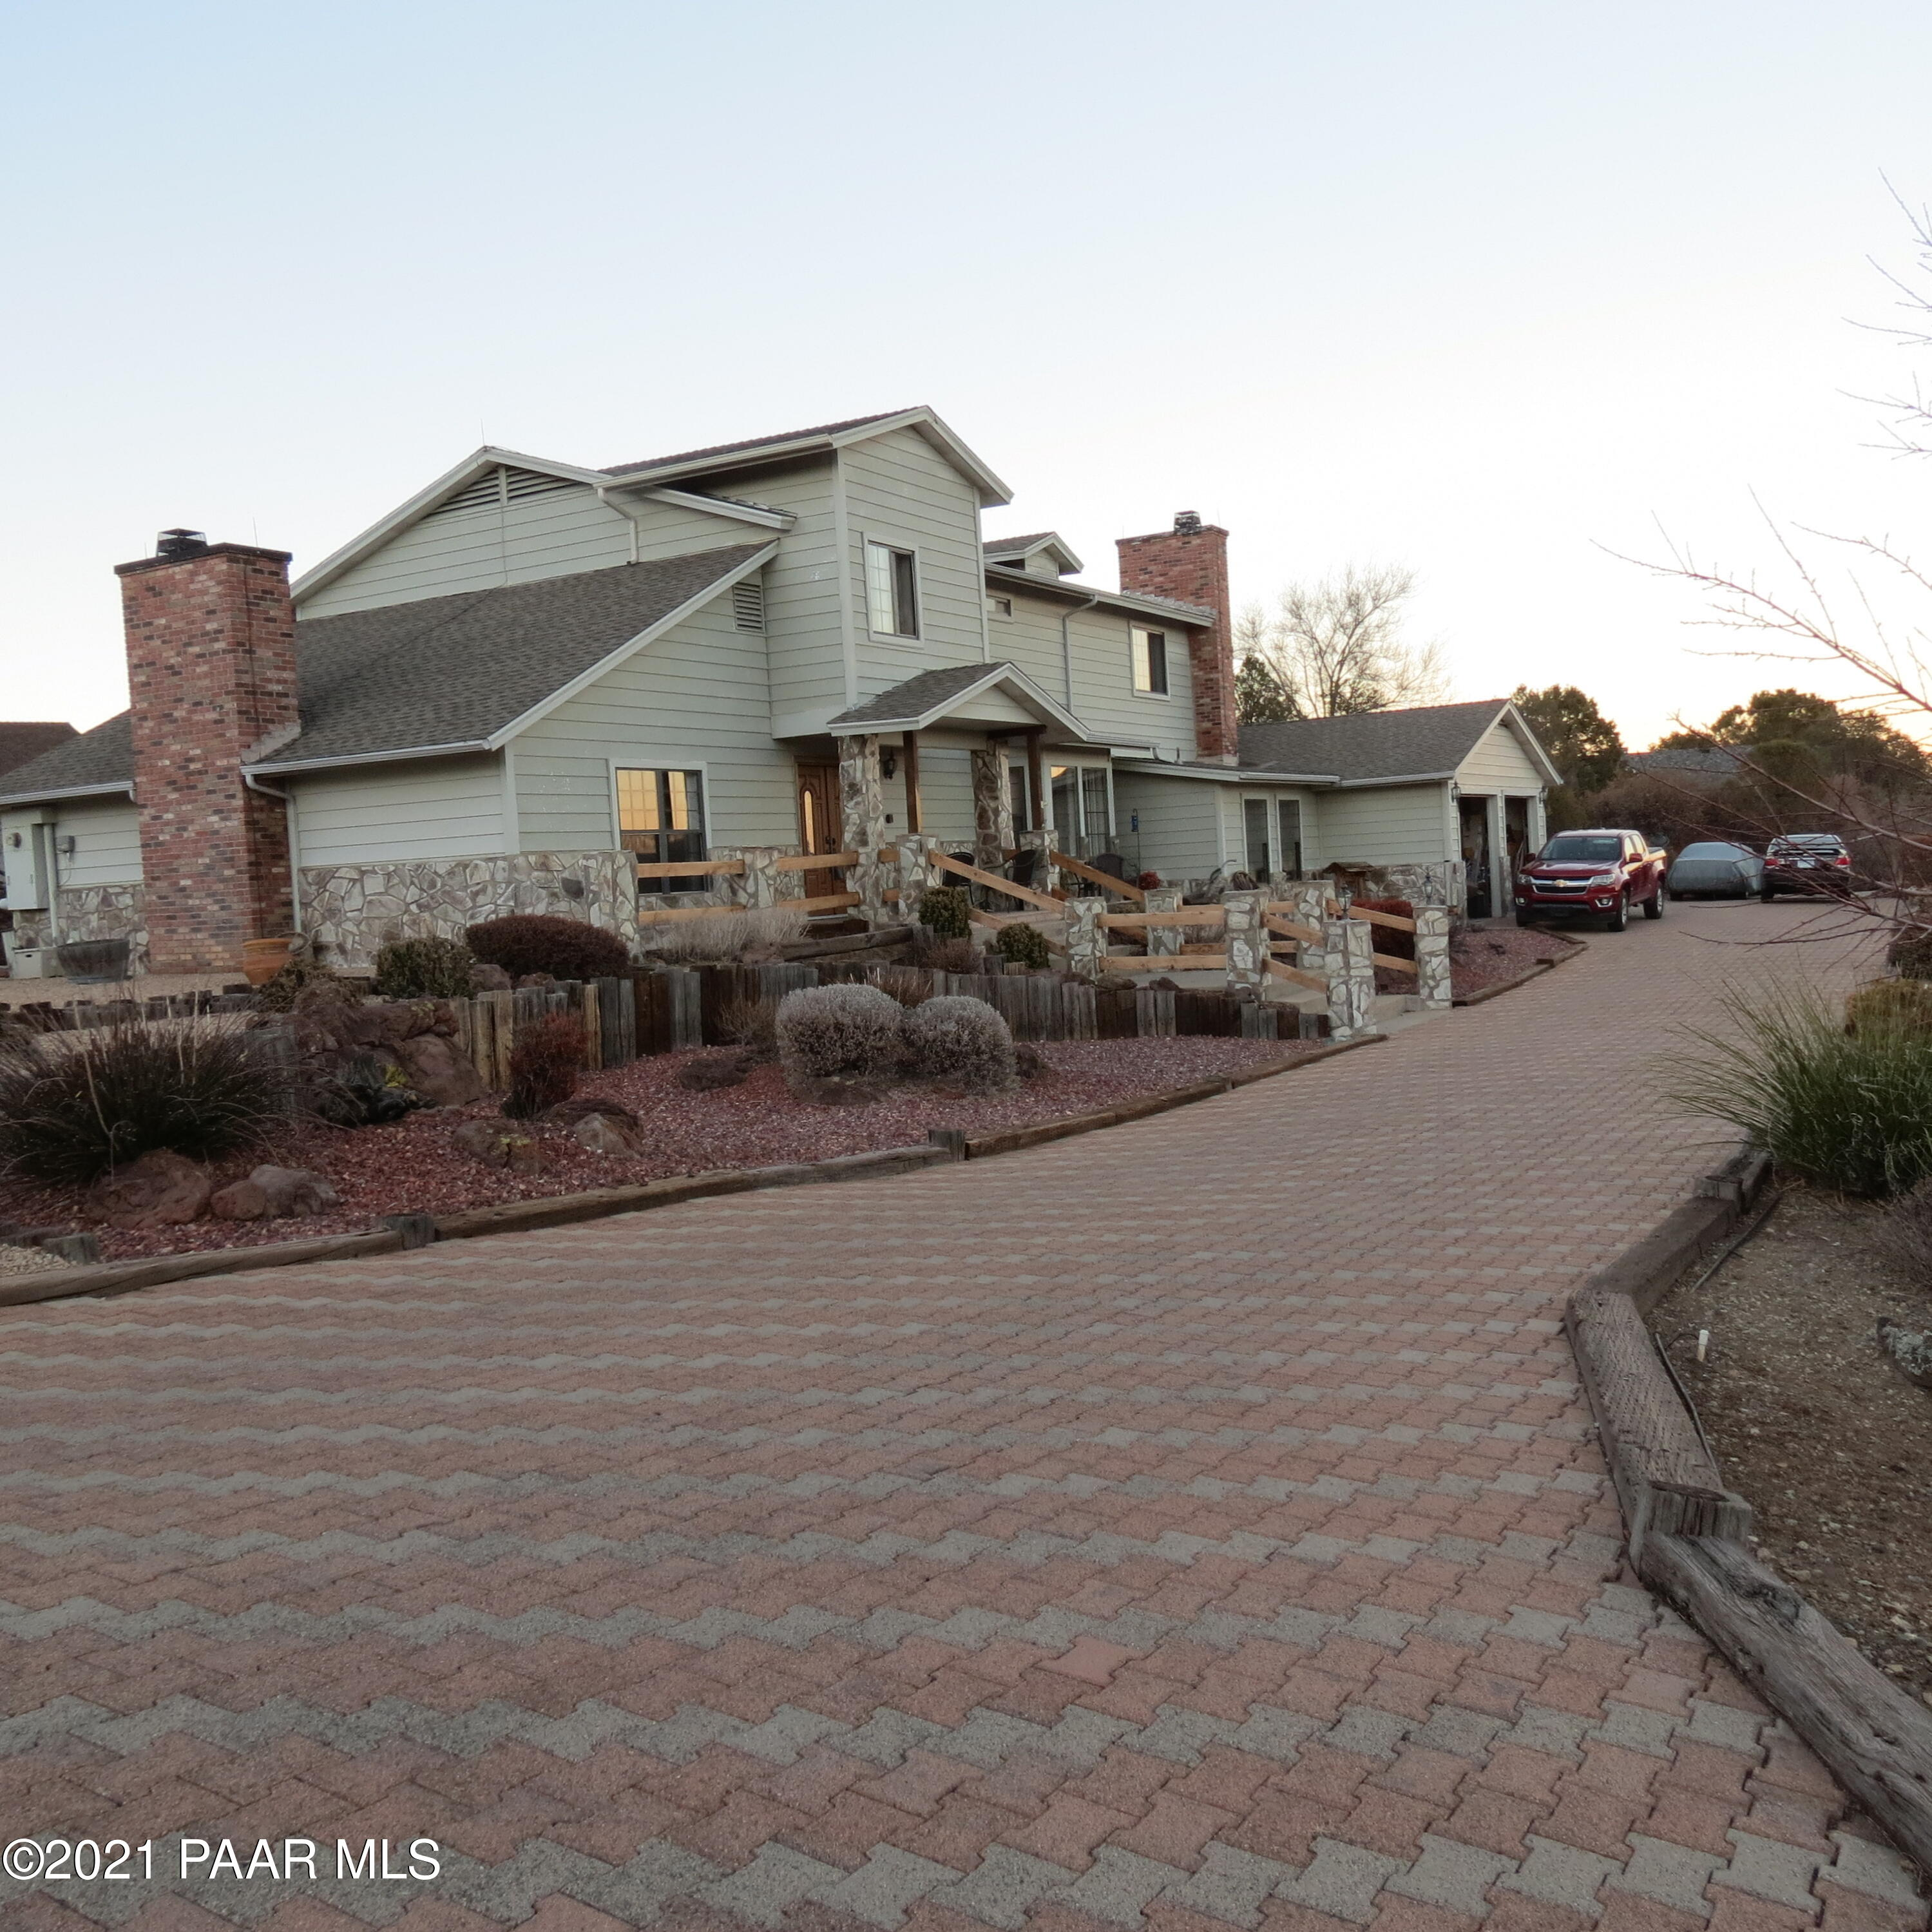 Photo of 715 Sunrise, Prescott, AZ 86301